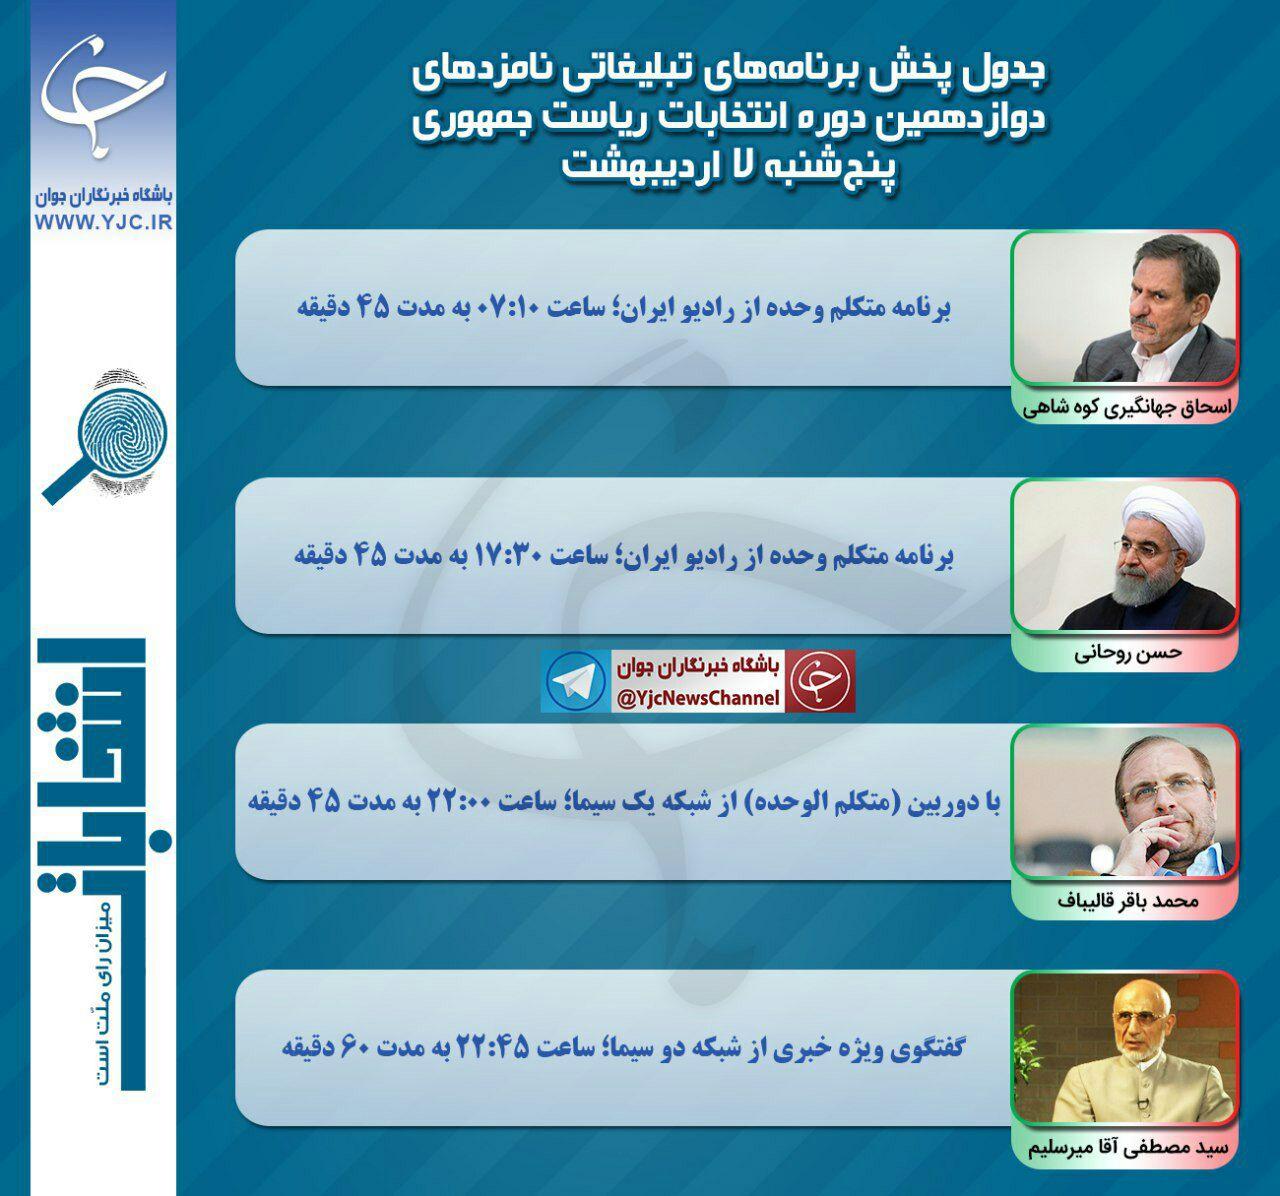 برنامه امروز نامزدهاي رياست جمهوري در صدا و سيما